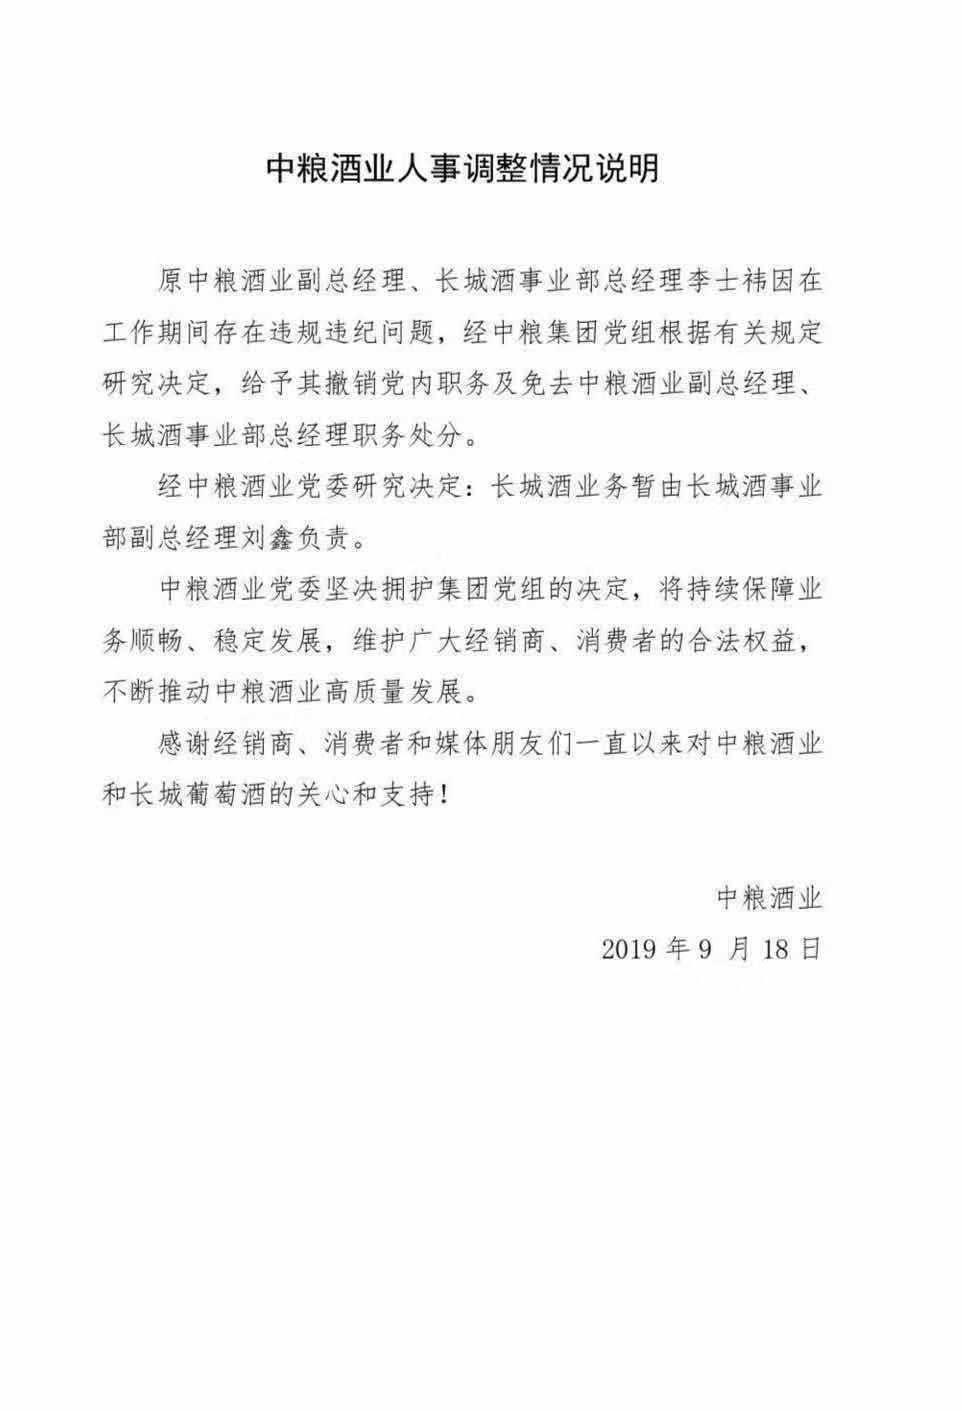 中粮酒业人事巨震 原副总经理李士祎因违规违纪被免职